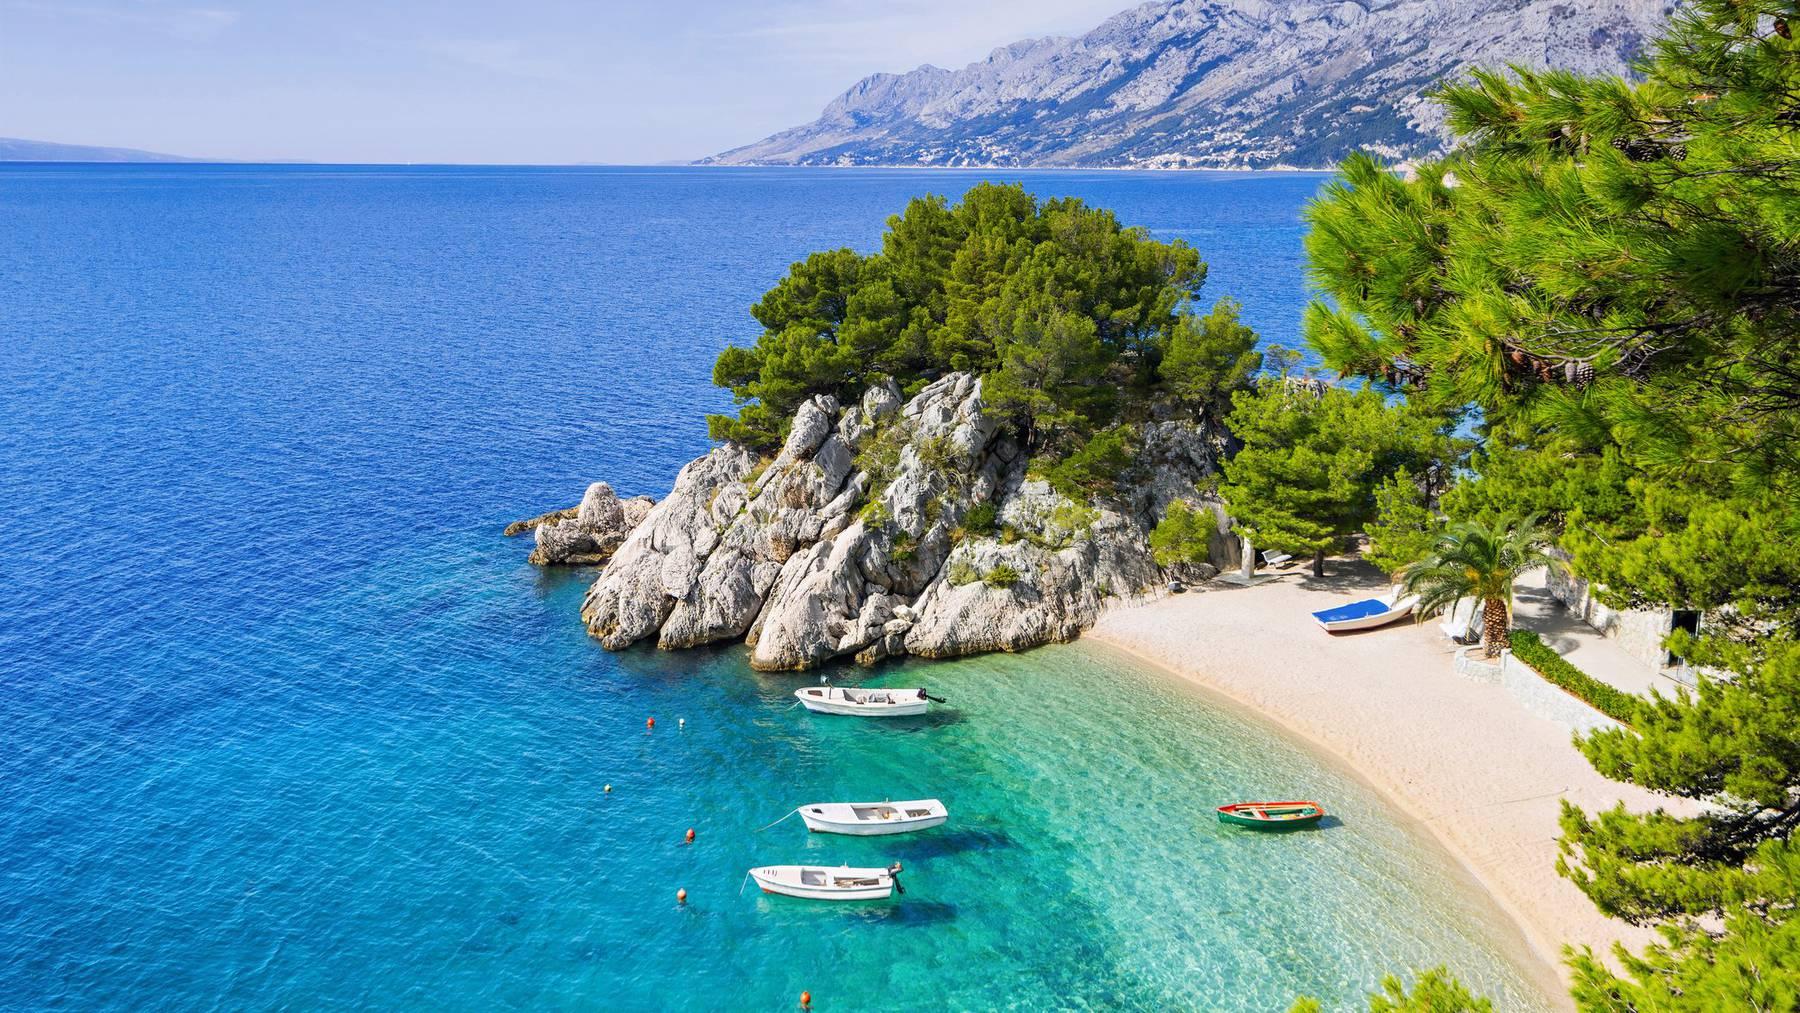 Traumstrand im Mittelmeer bei Makarska in Kroatien.